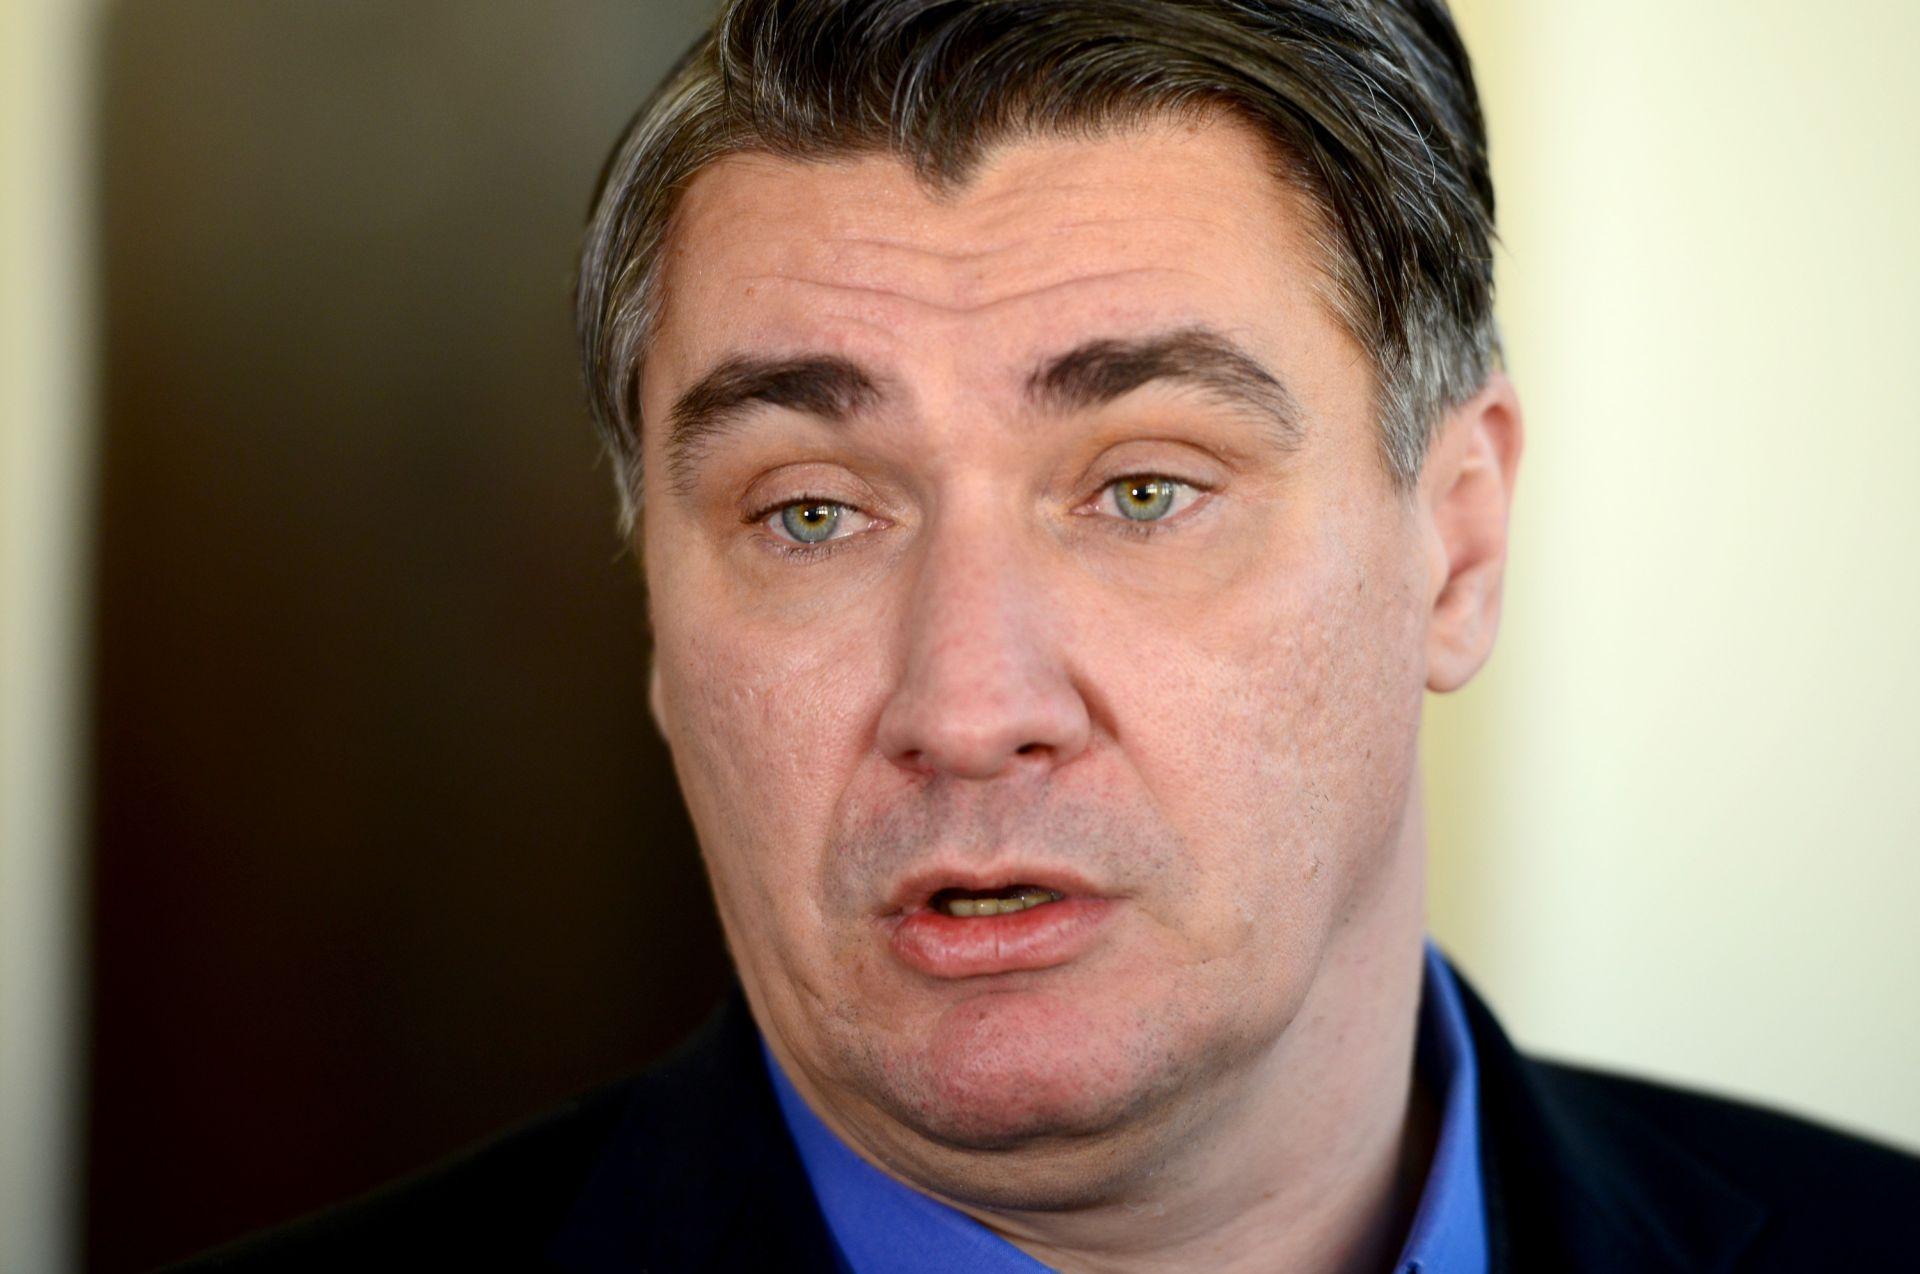 Milanović: Zastupnici u Saboru će odlučiti koliko će se raspravljati o novoj vladi